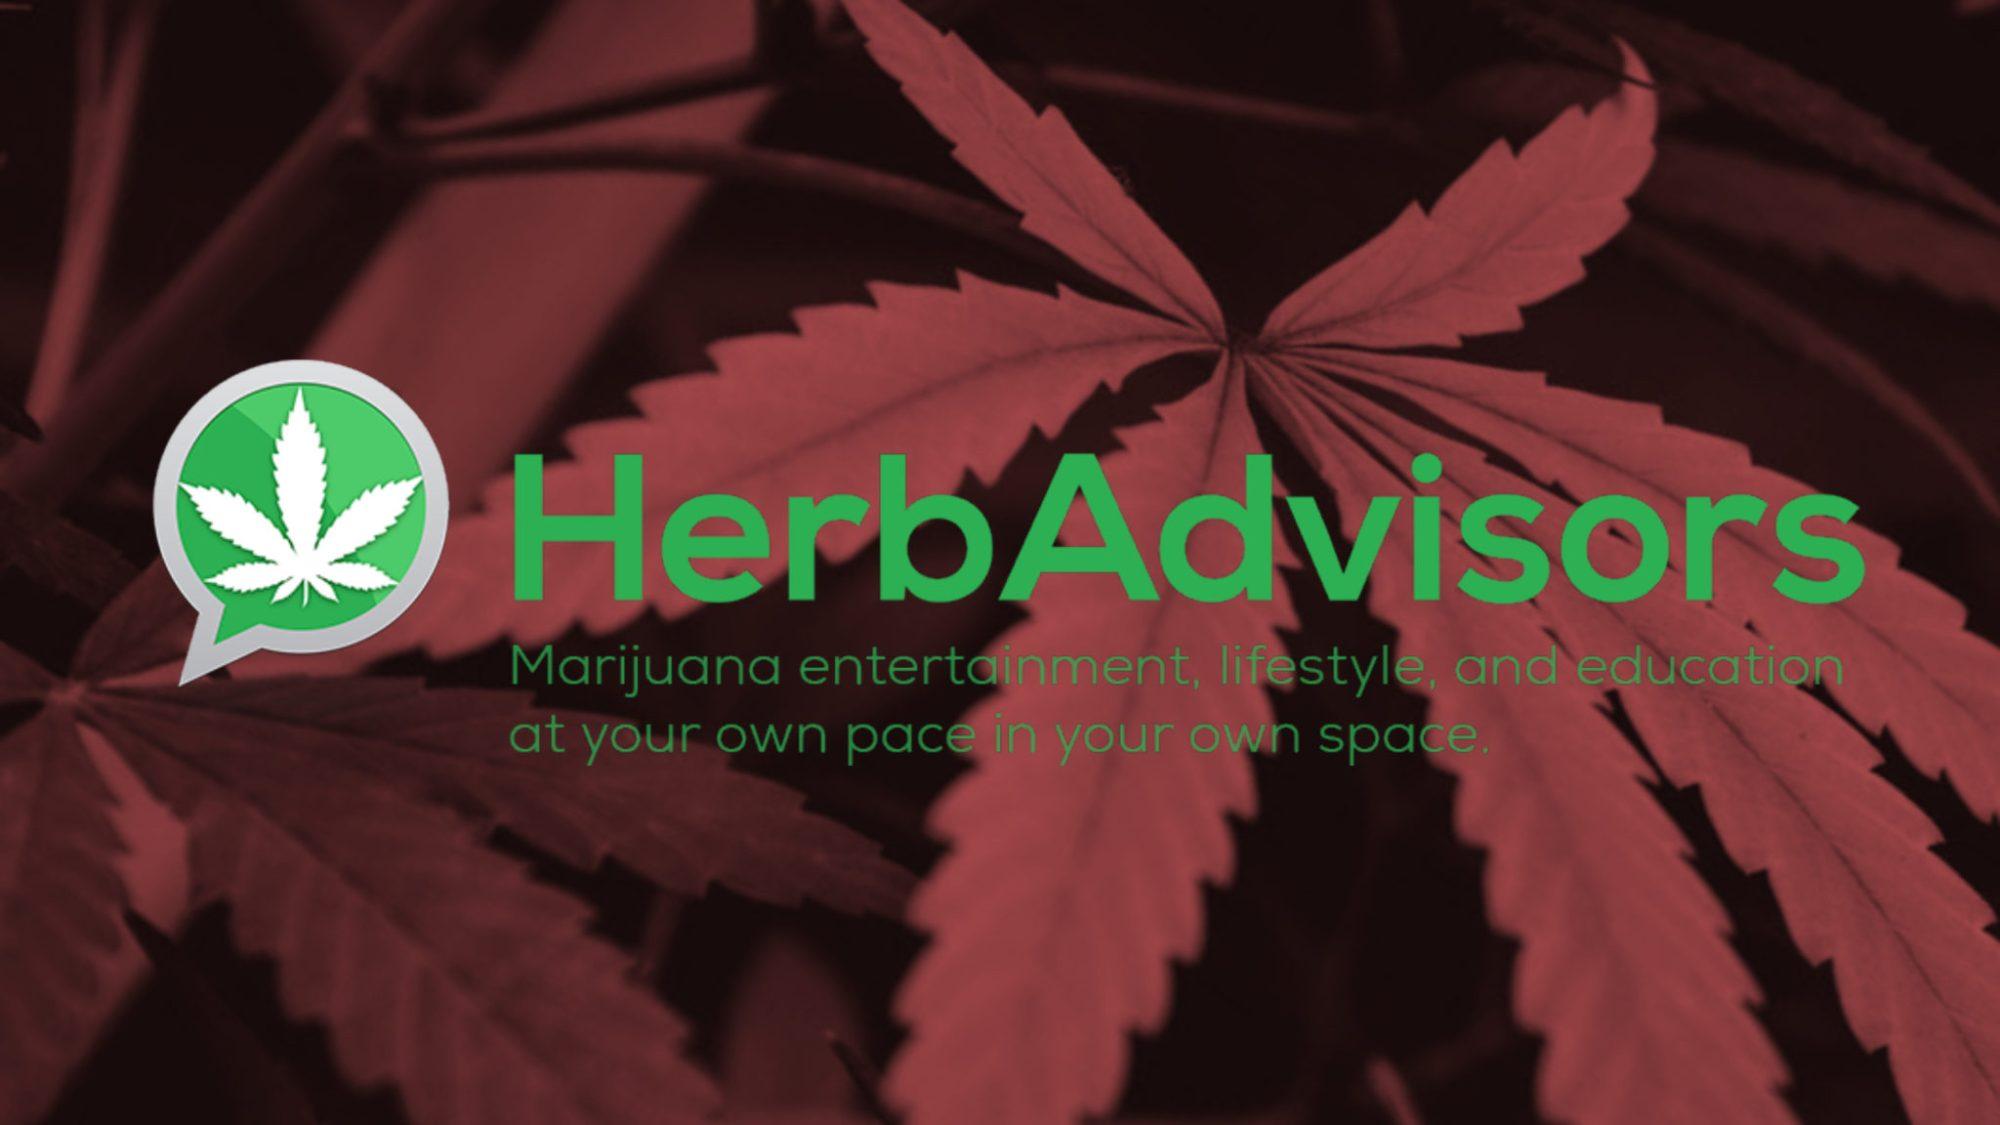 HERB ADVISORS